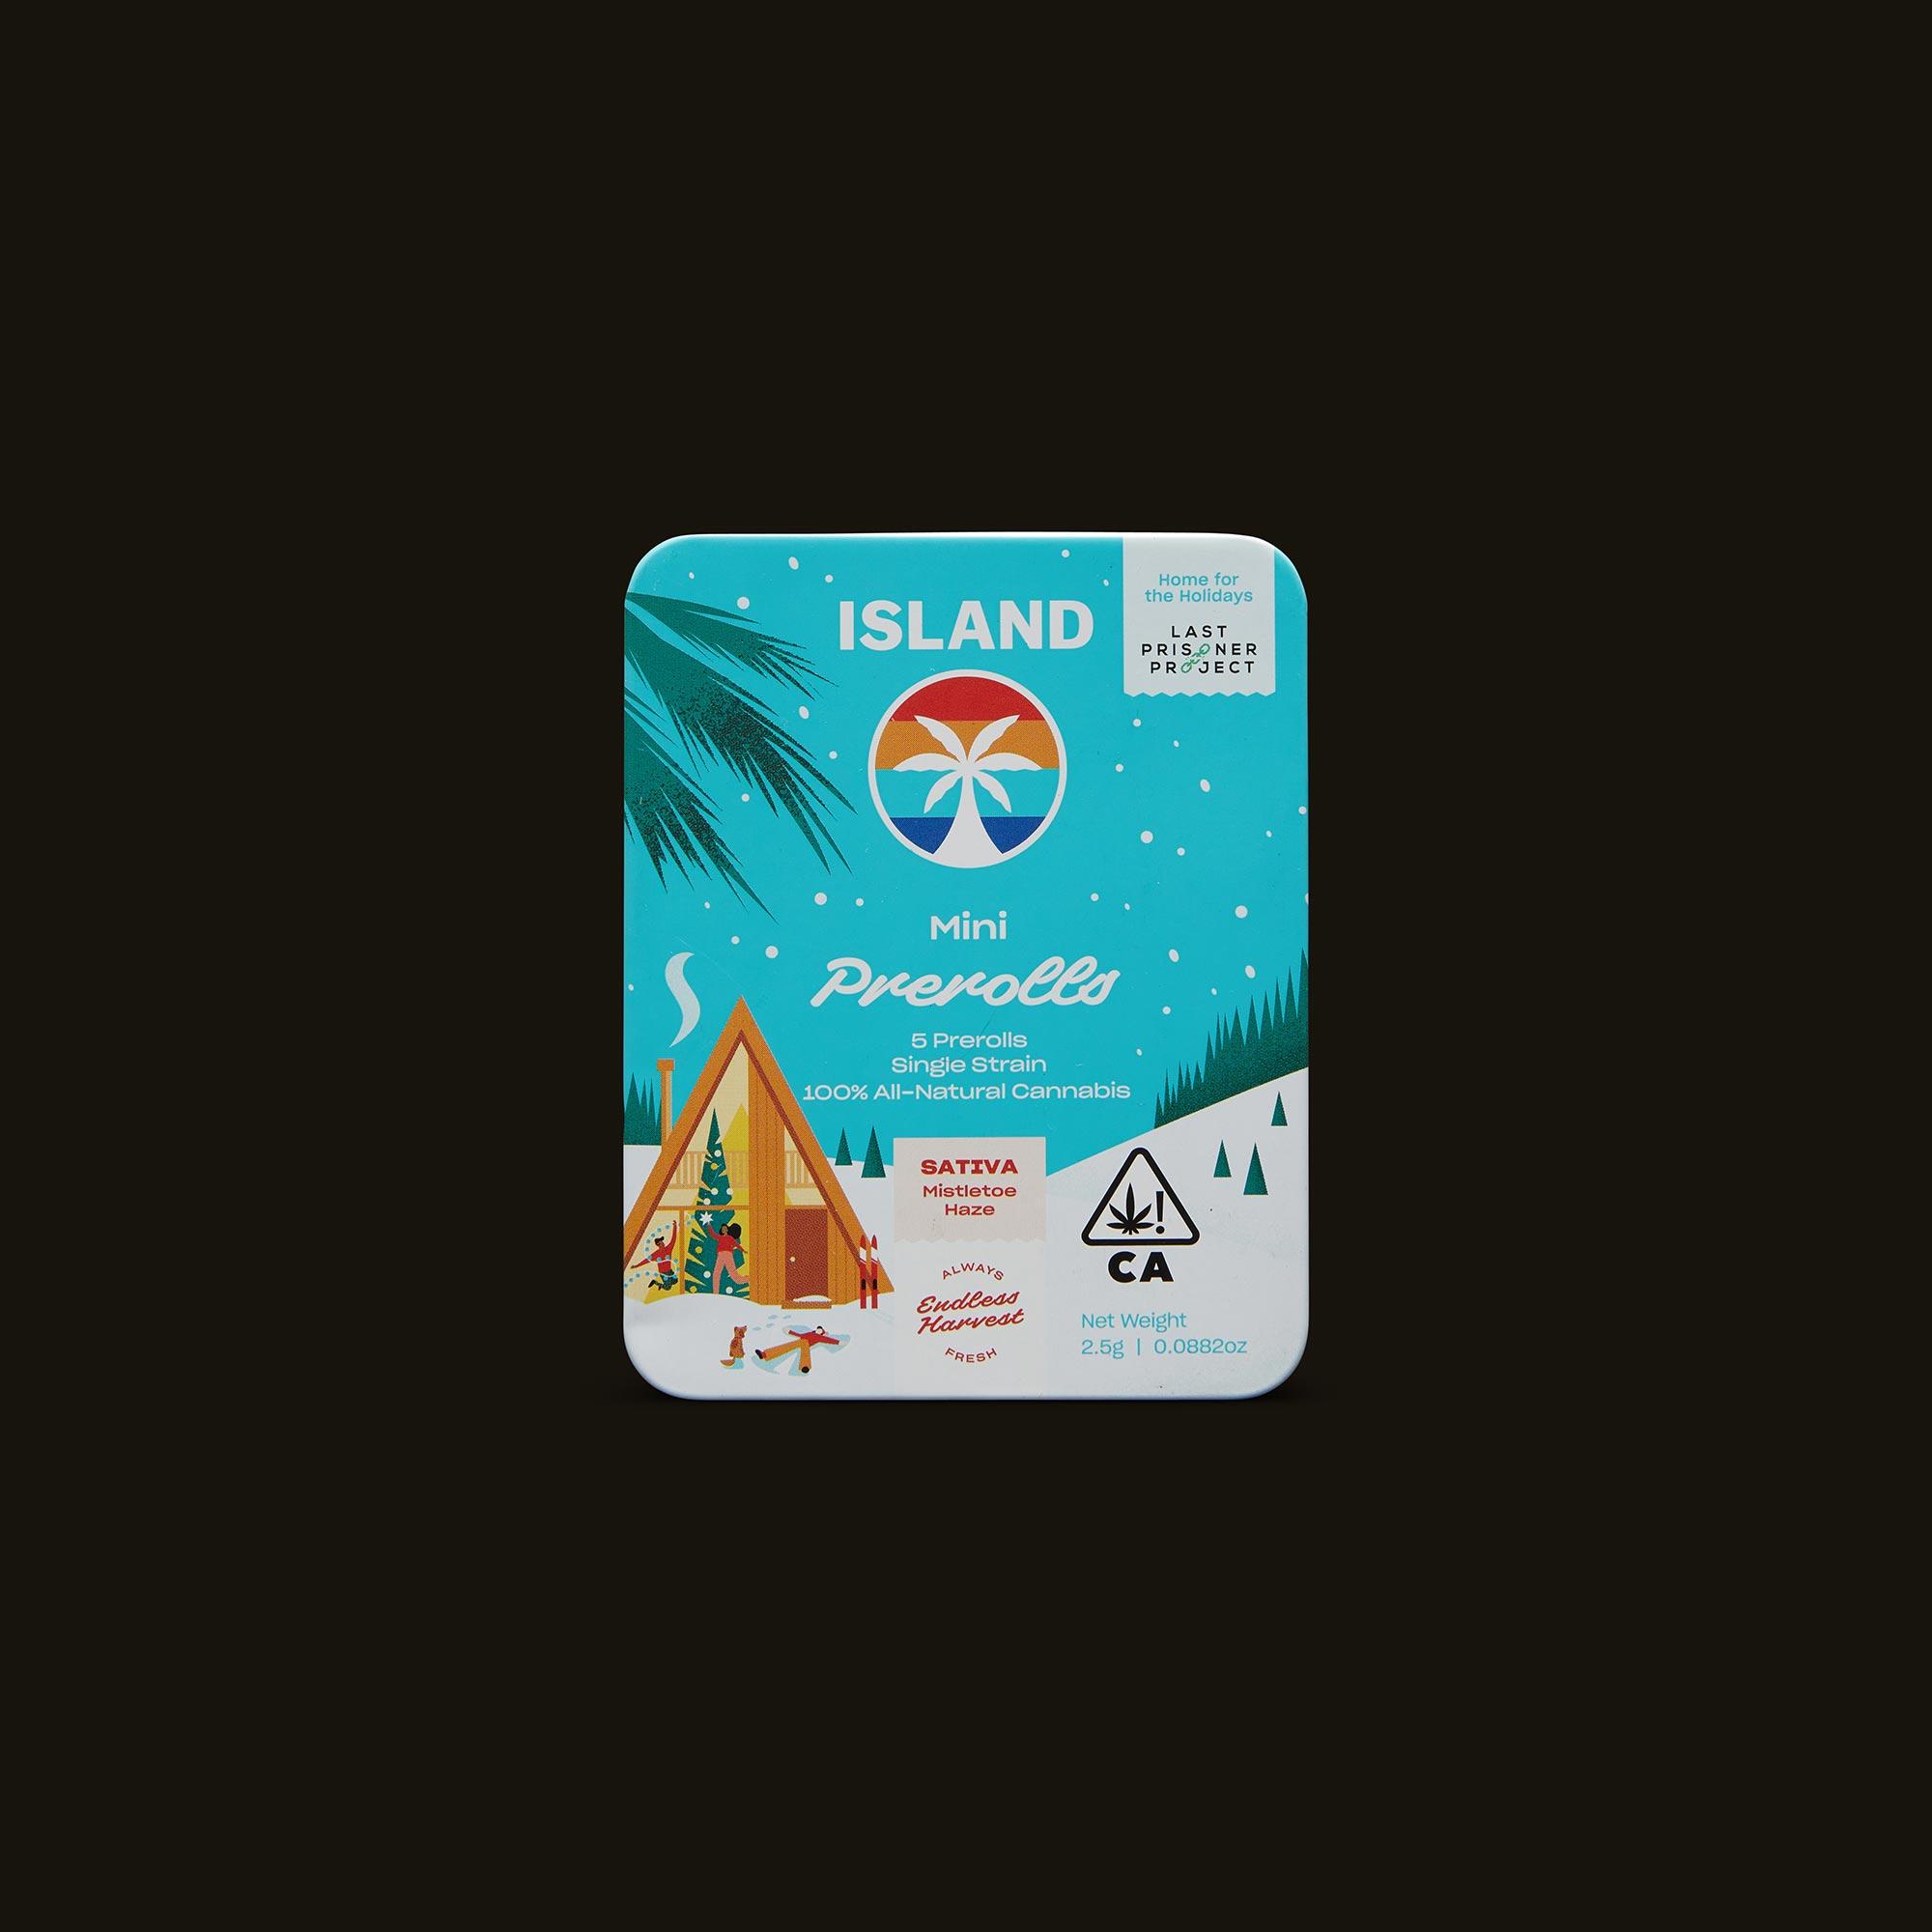 Island Mistletoe Haze Minis Front Packaging